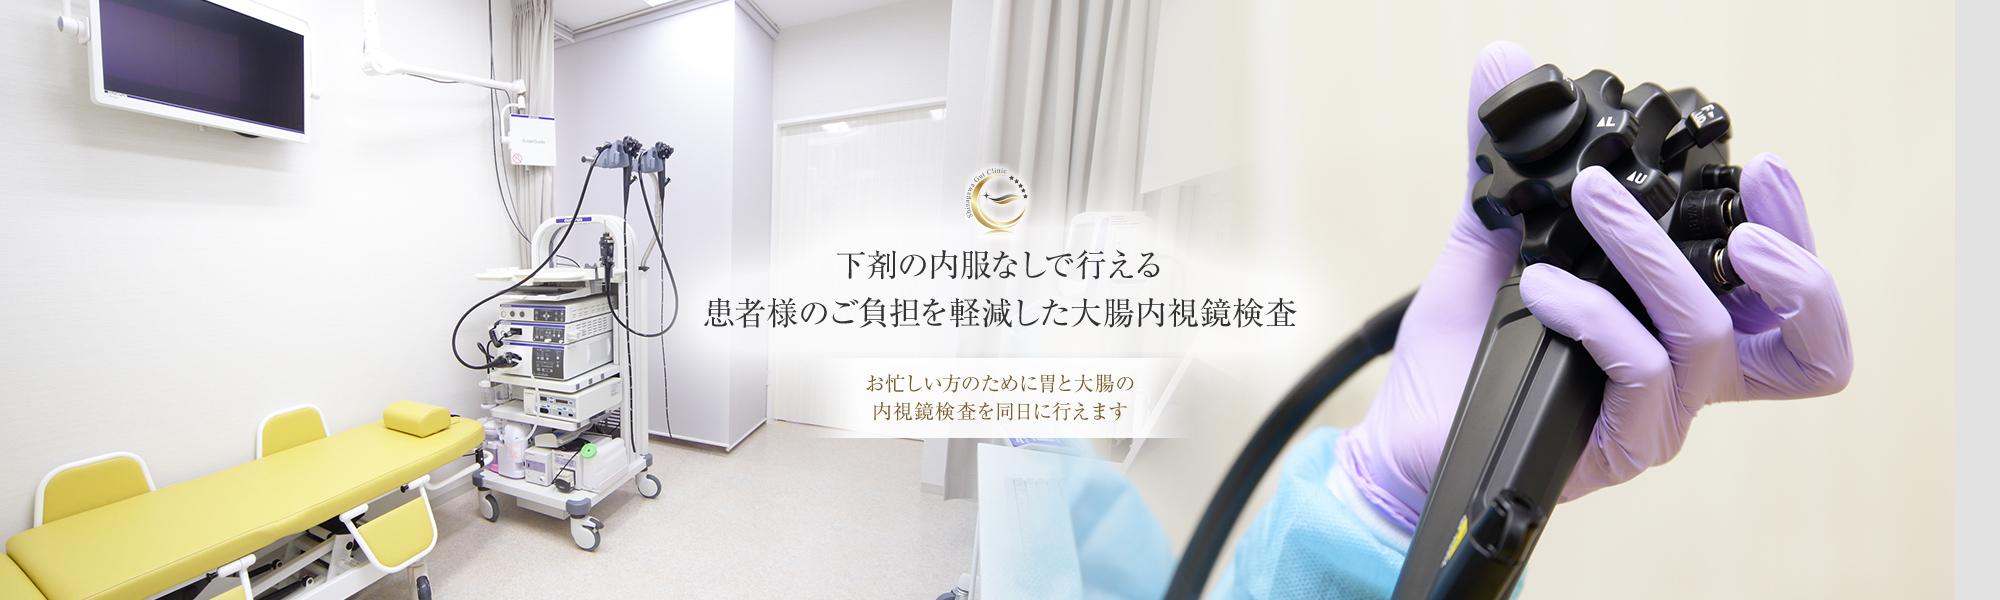 下剤の内服なしで行える患者様のご負担を軽減した大腸内視鏡検査 お忙しい方のために胃と大腸の内視鏡検査を同日に行えます